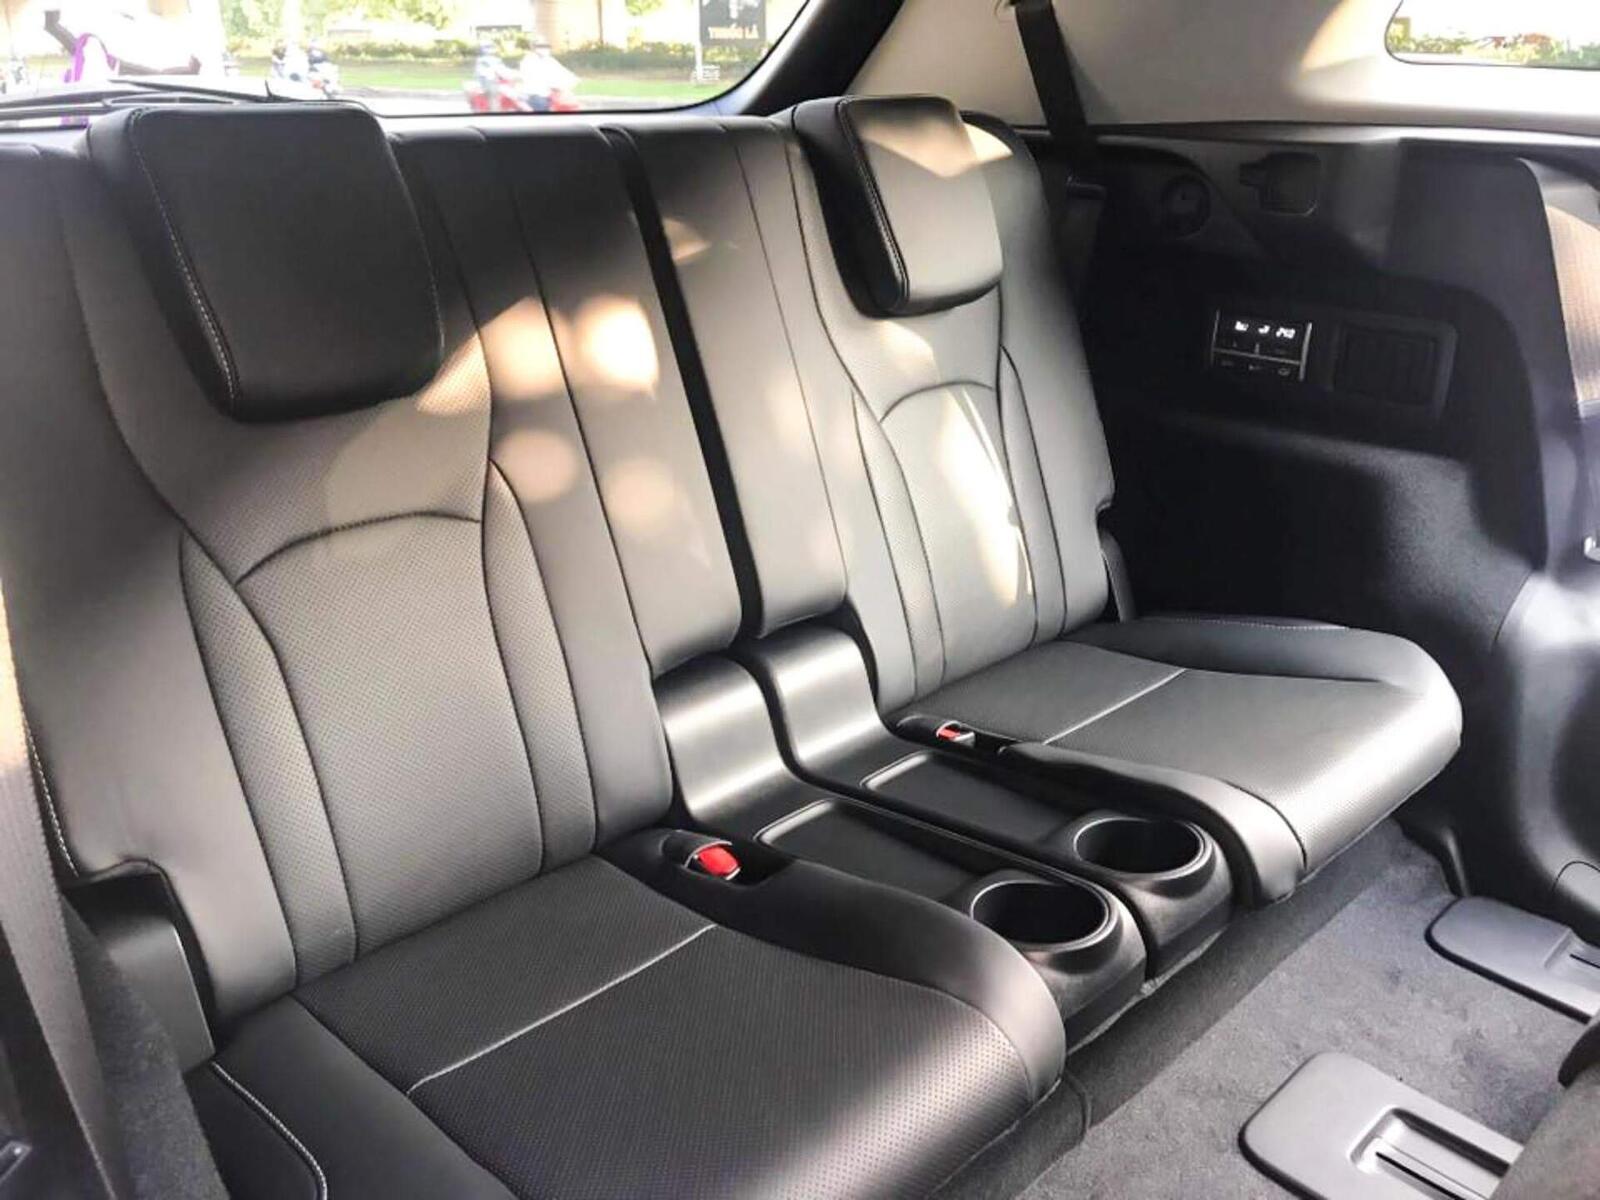 Lexus RX 350L 2018 phiên bản 7 chỗ đã về Việt Nam; giá không dưới 4,9 tỷ đồng - Hình 11